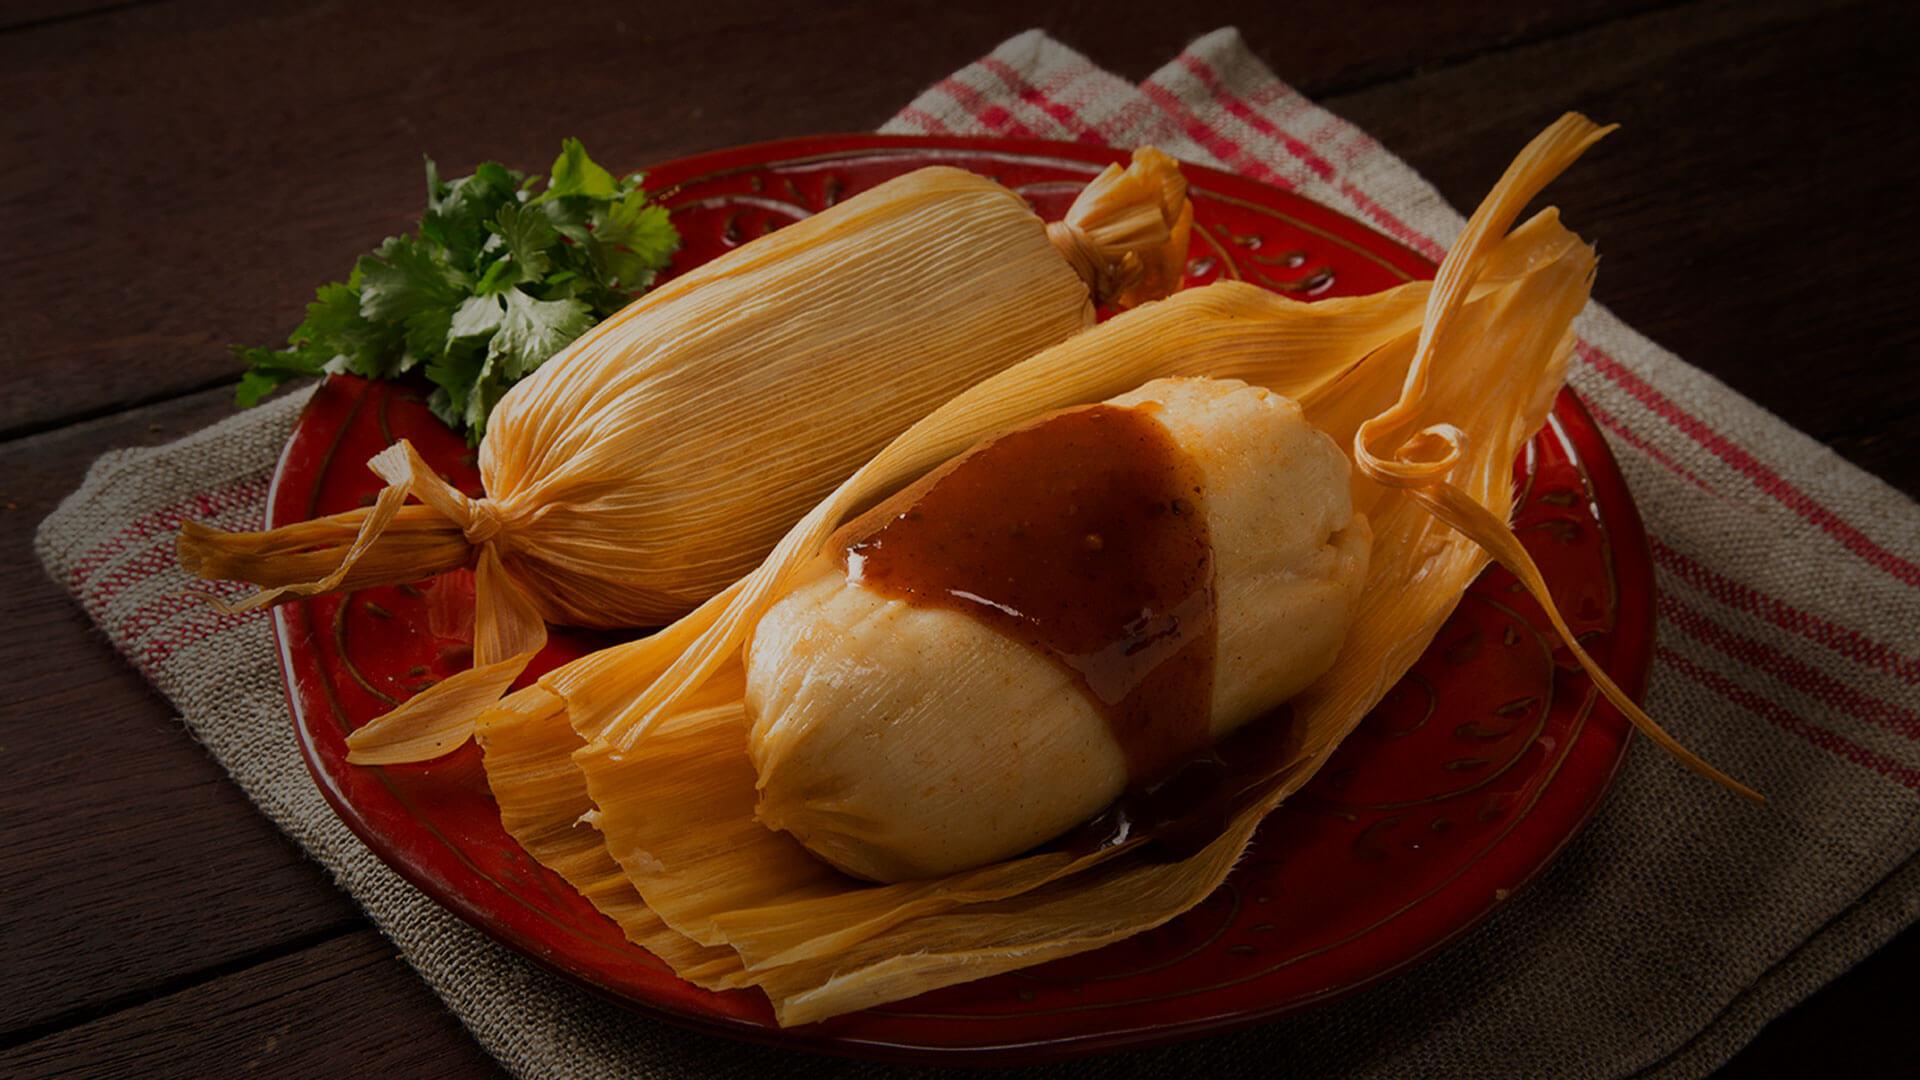 Día de la Candelaria: ¡Tamales para todos! (Con receta incluida)